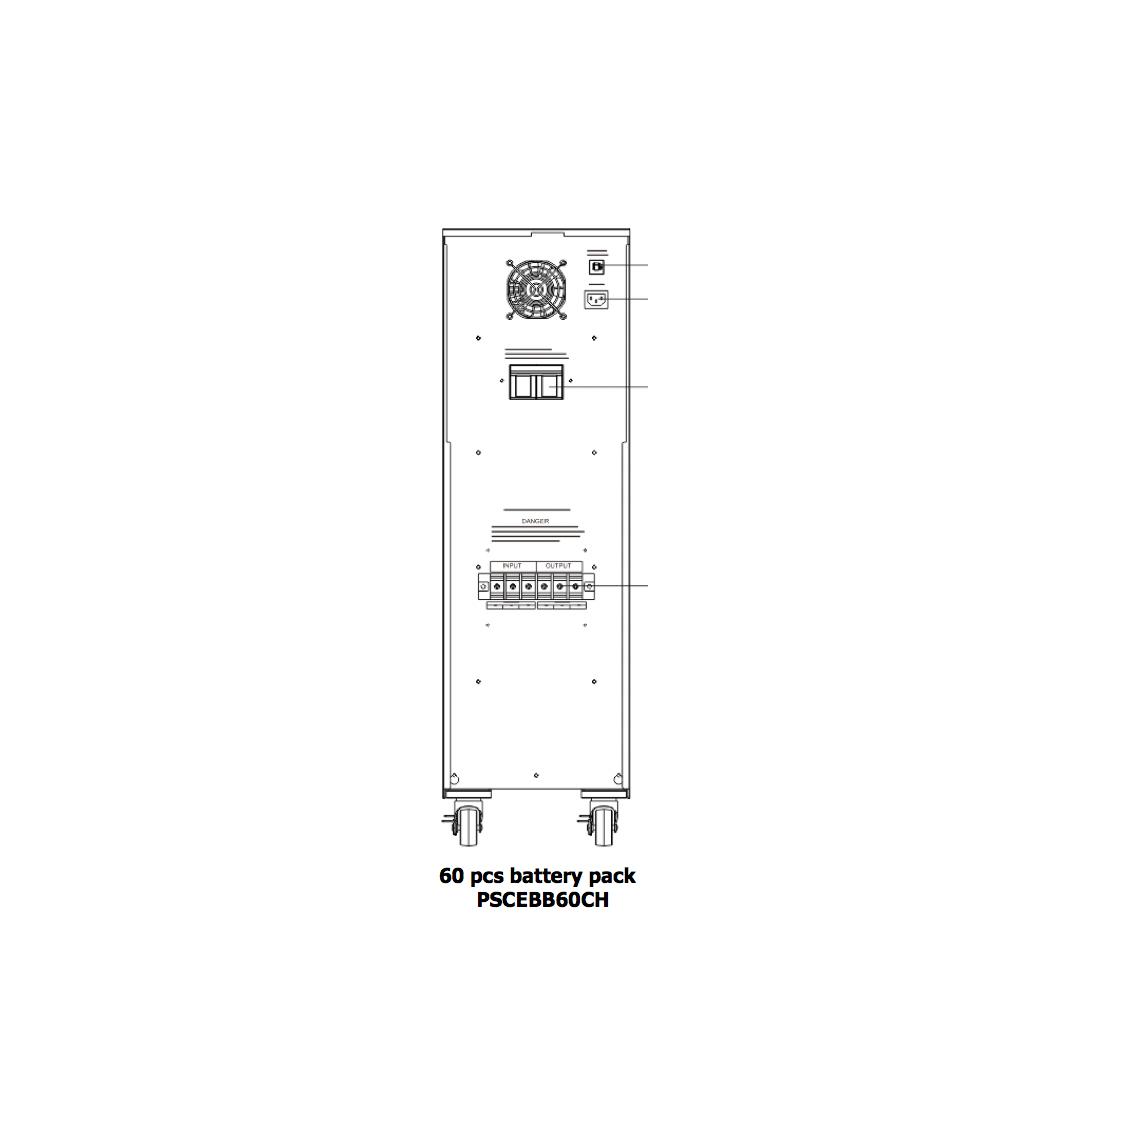 PSCEBB60CH_BatteryModule_REAR